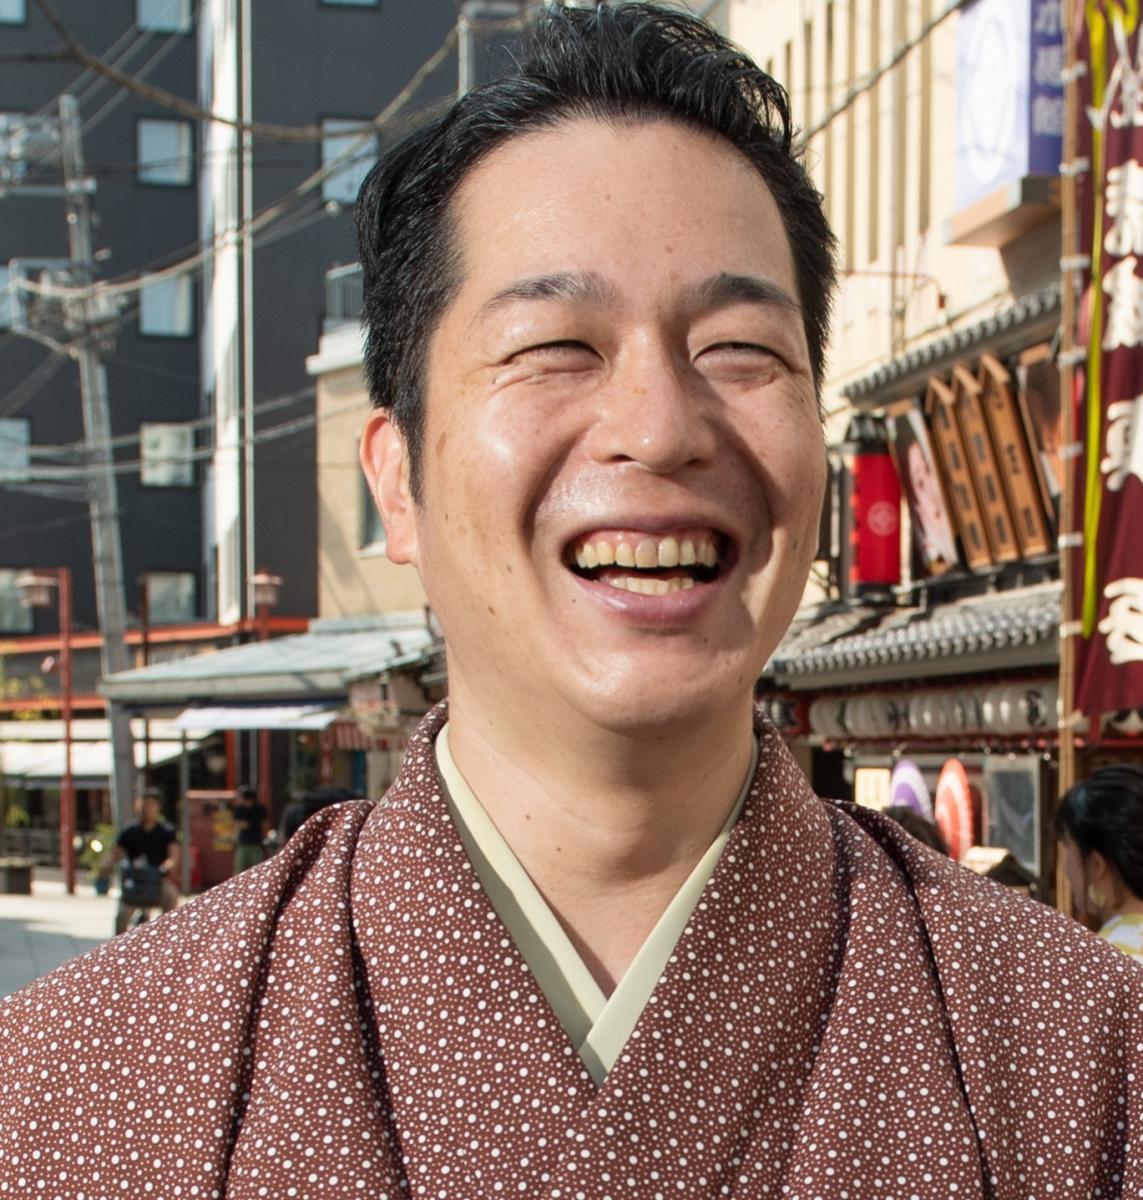 写真・図版 : 弟弟子の玉川太福(だいふく)。1979年生まれ、2007年3月入門。2017年度文化庁芸術祭で大衆芸能部門の新人賞を受けた